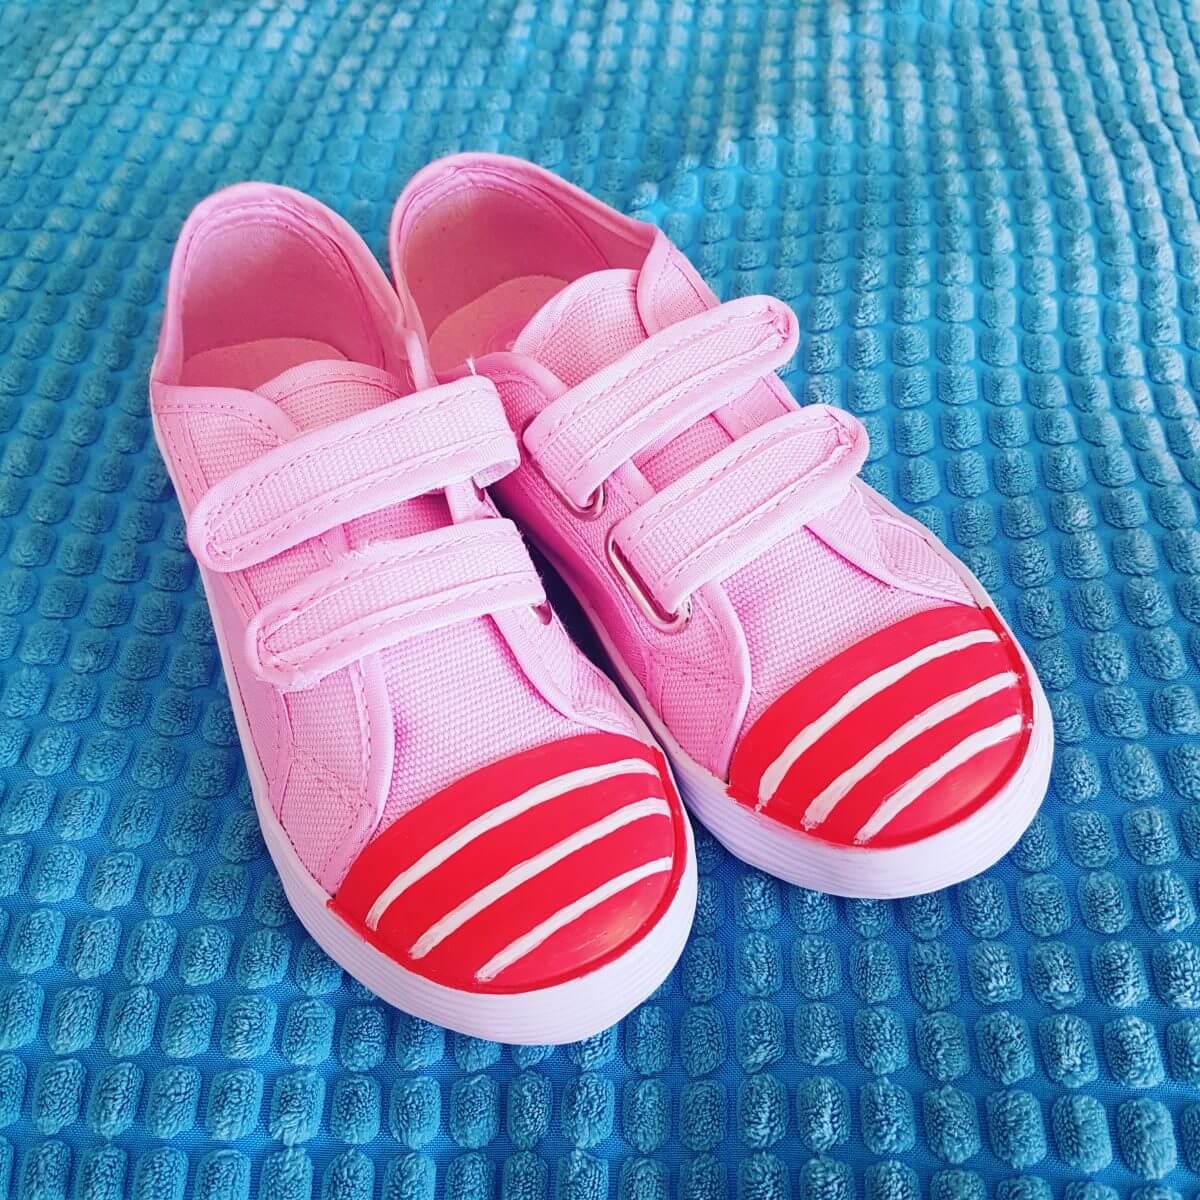 Pintor markers: met stiften schoenen versieren